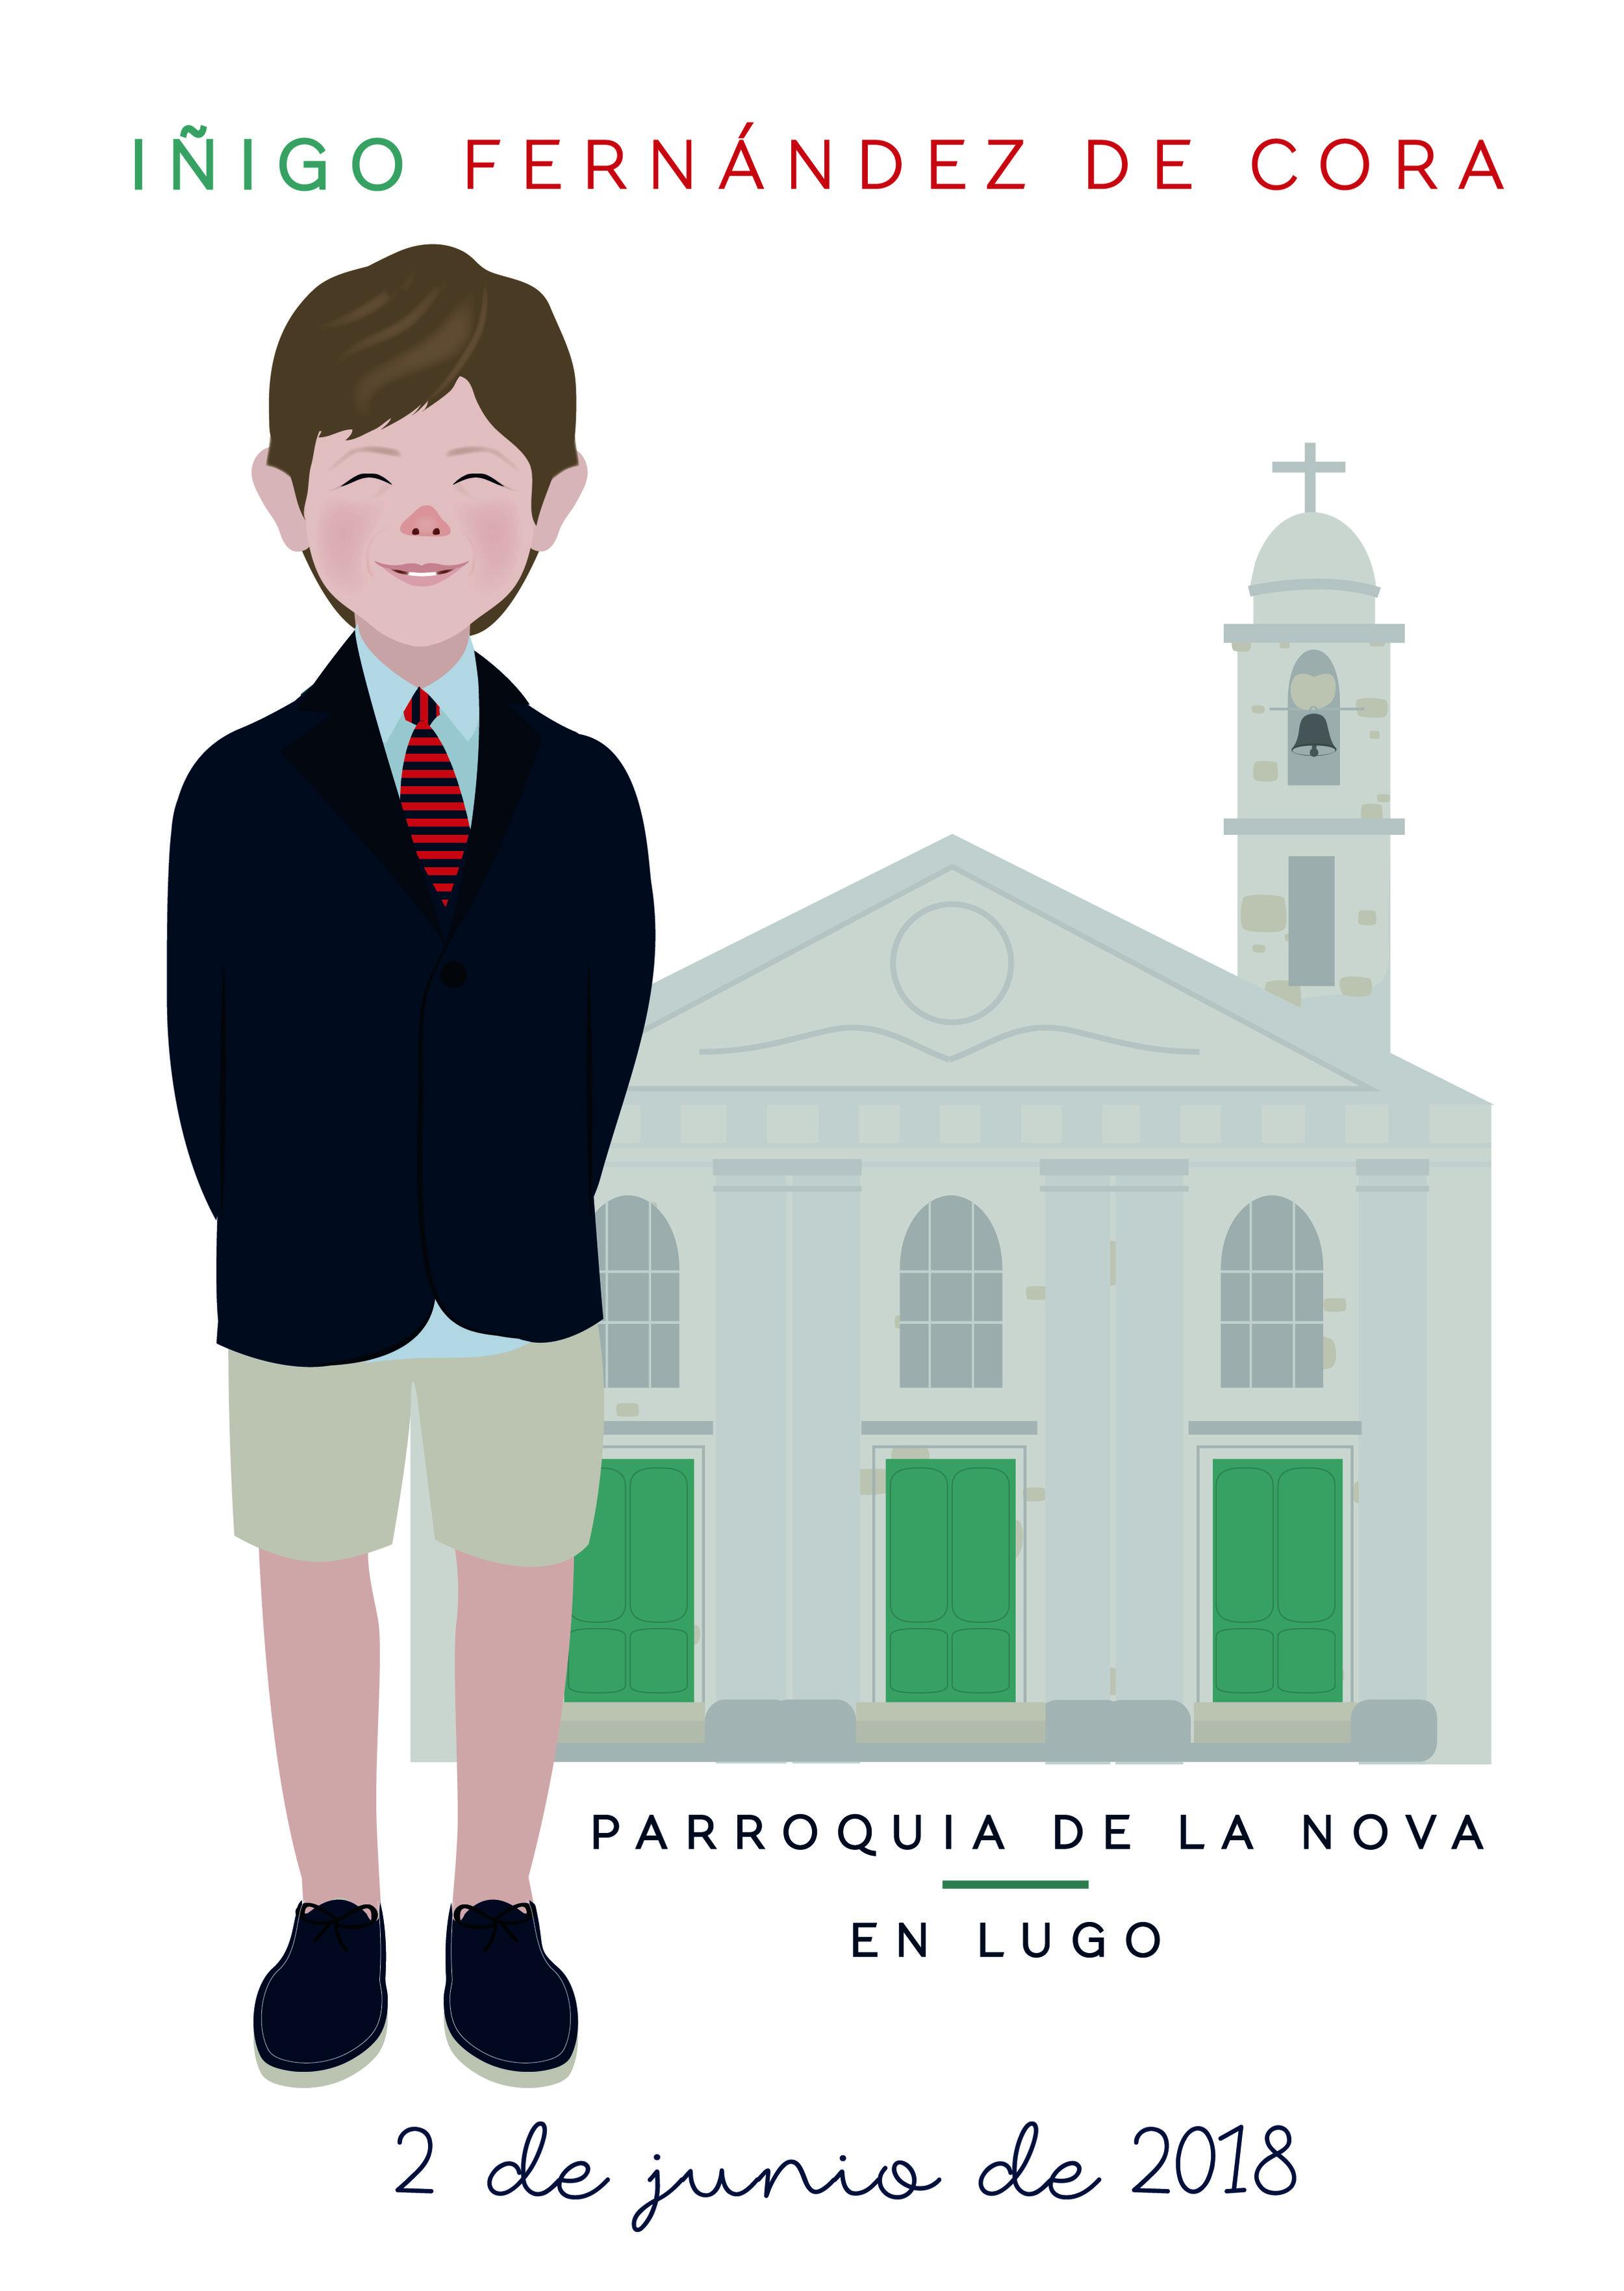 ilustracion-niño-comunion-marta-lugo-iglesia-iñigo-01.jpg